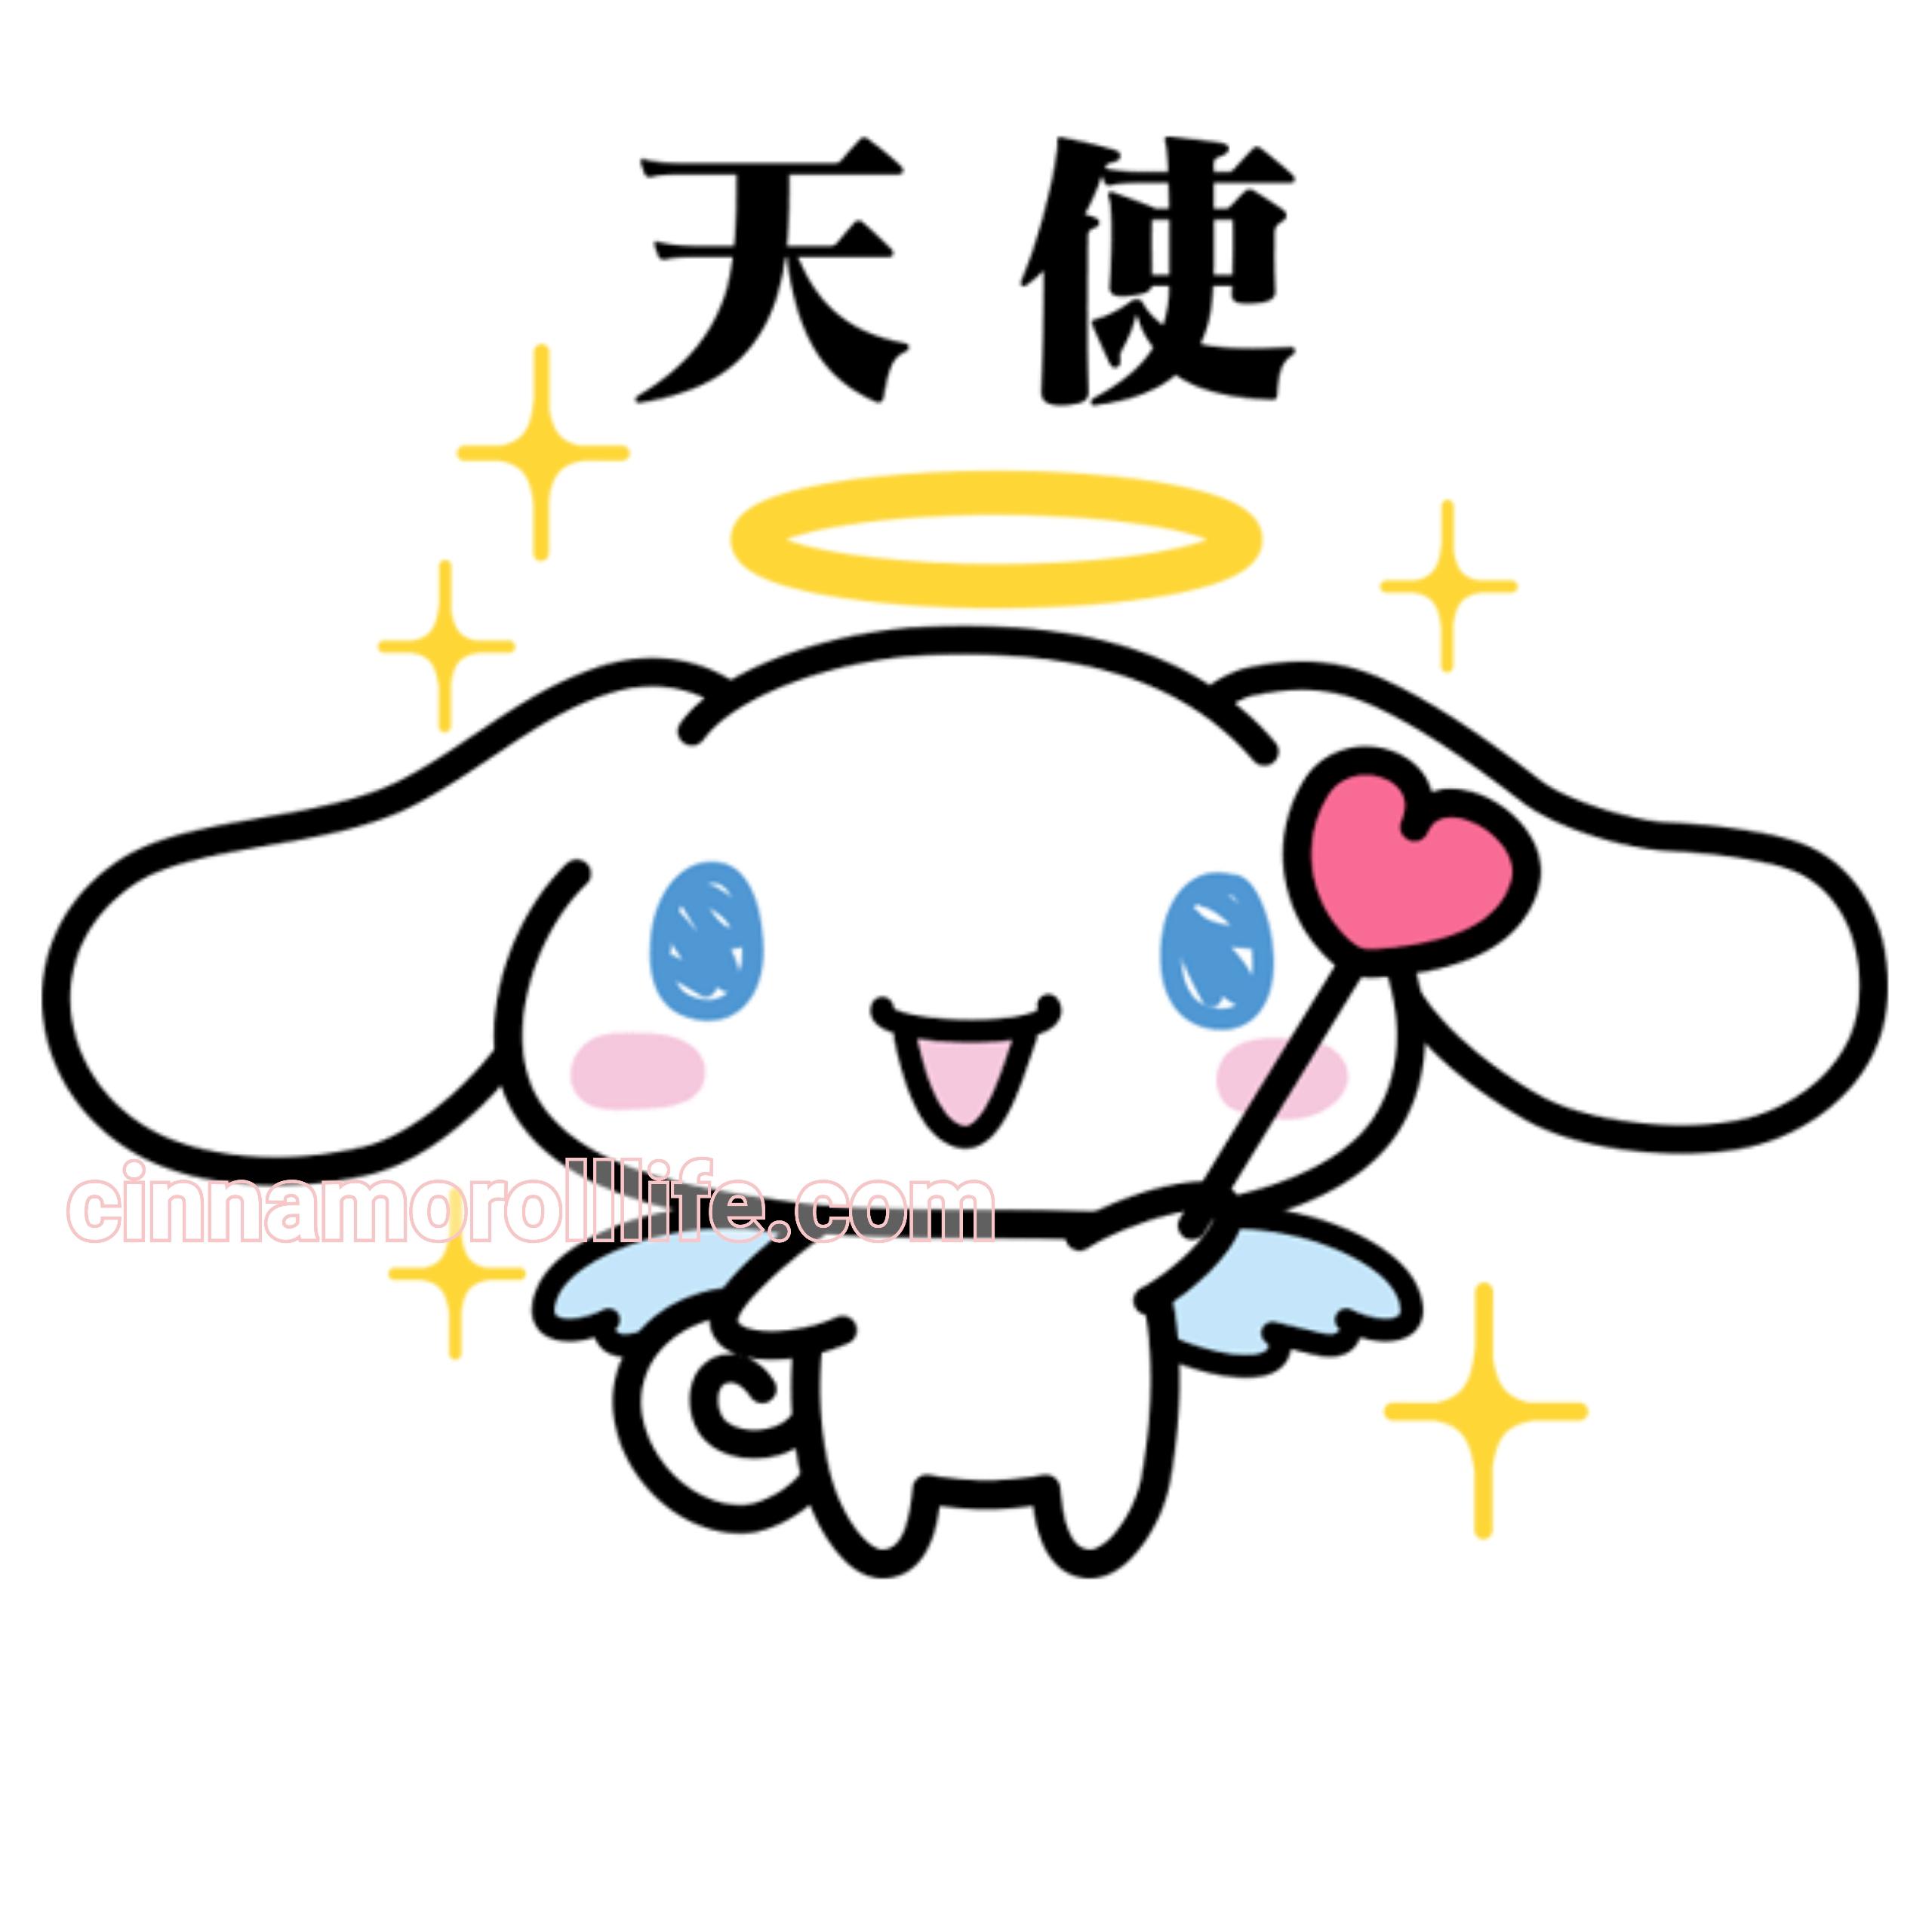 「シナモロール エンジョイアイドル」スタンプの画像